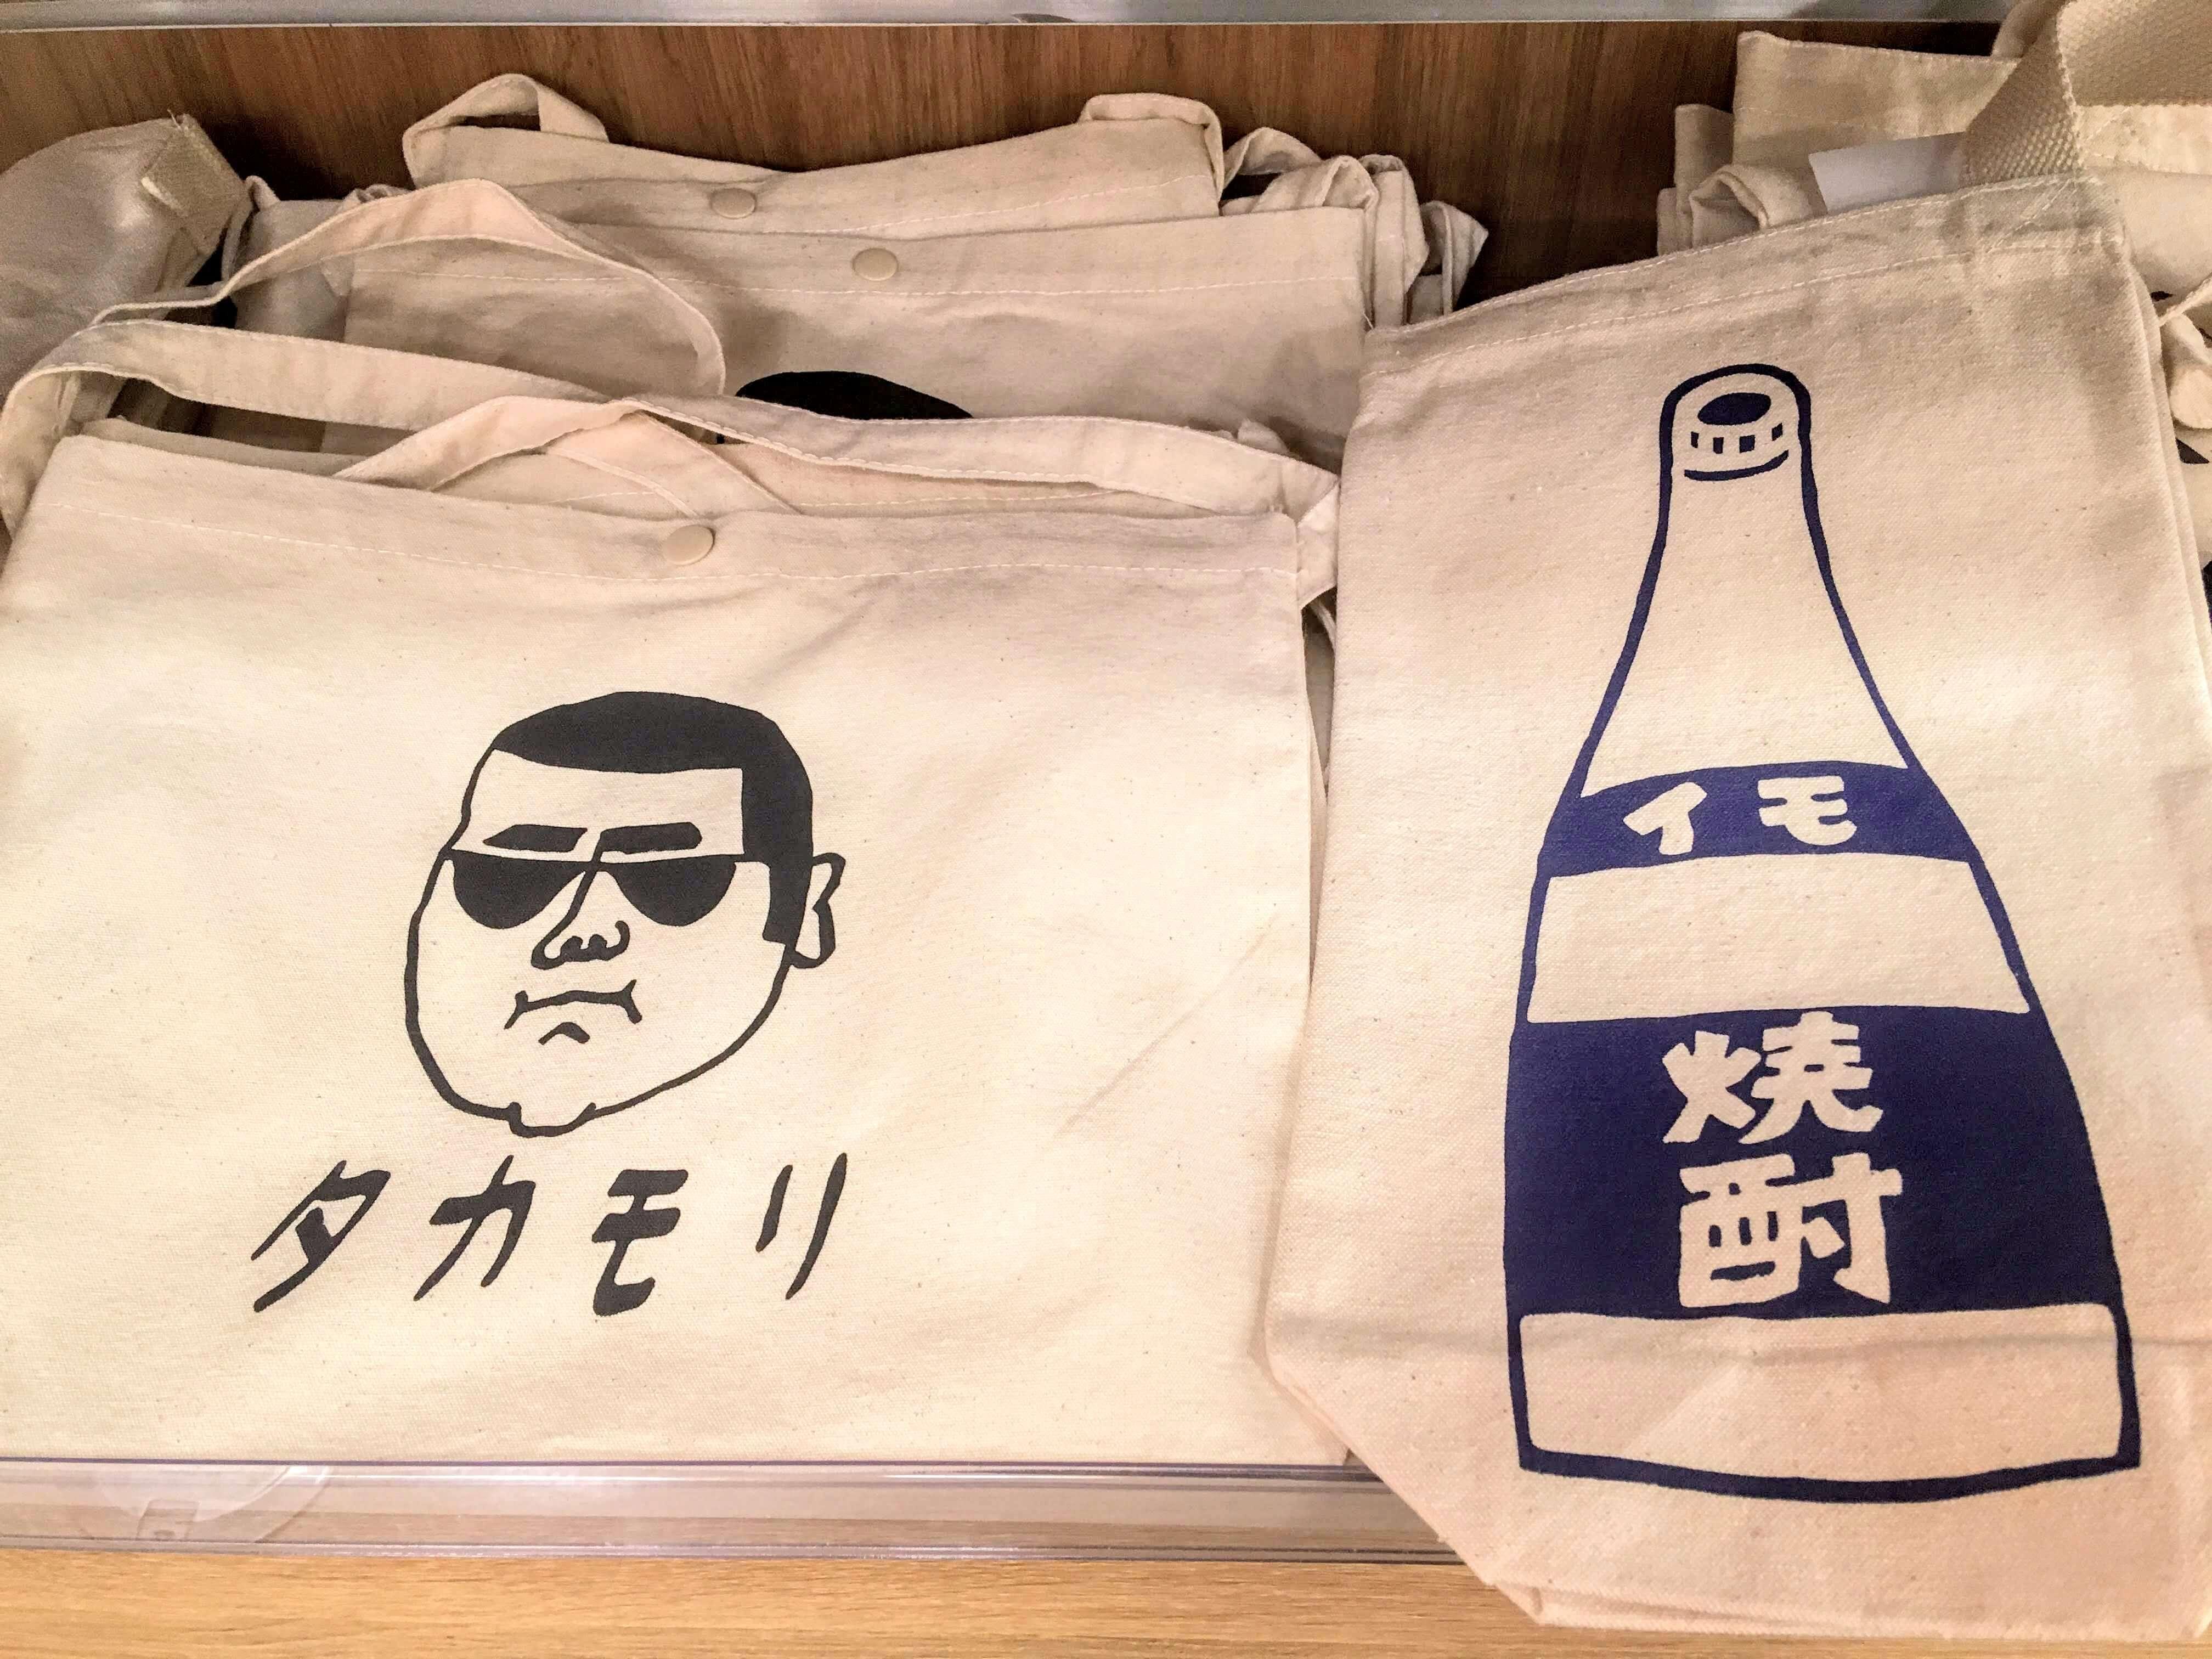 奄美大島の名物お土産、デザイントートバッグ